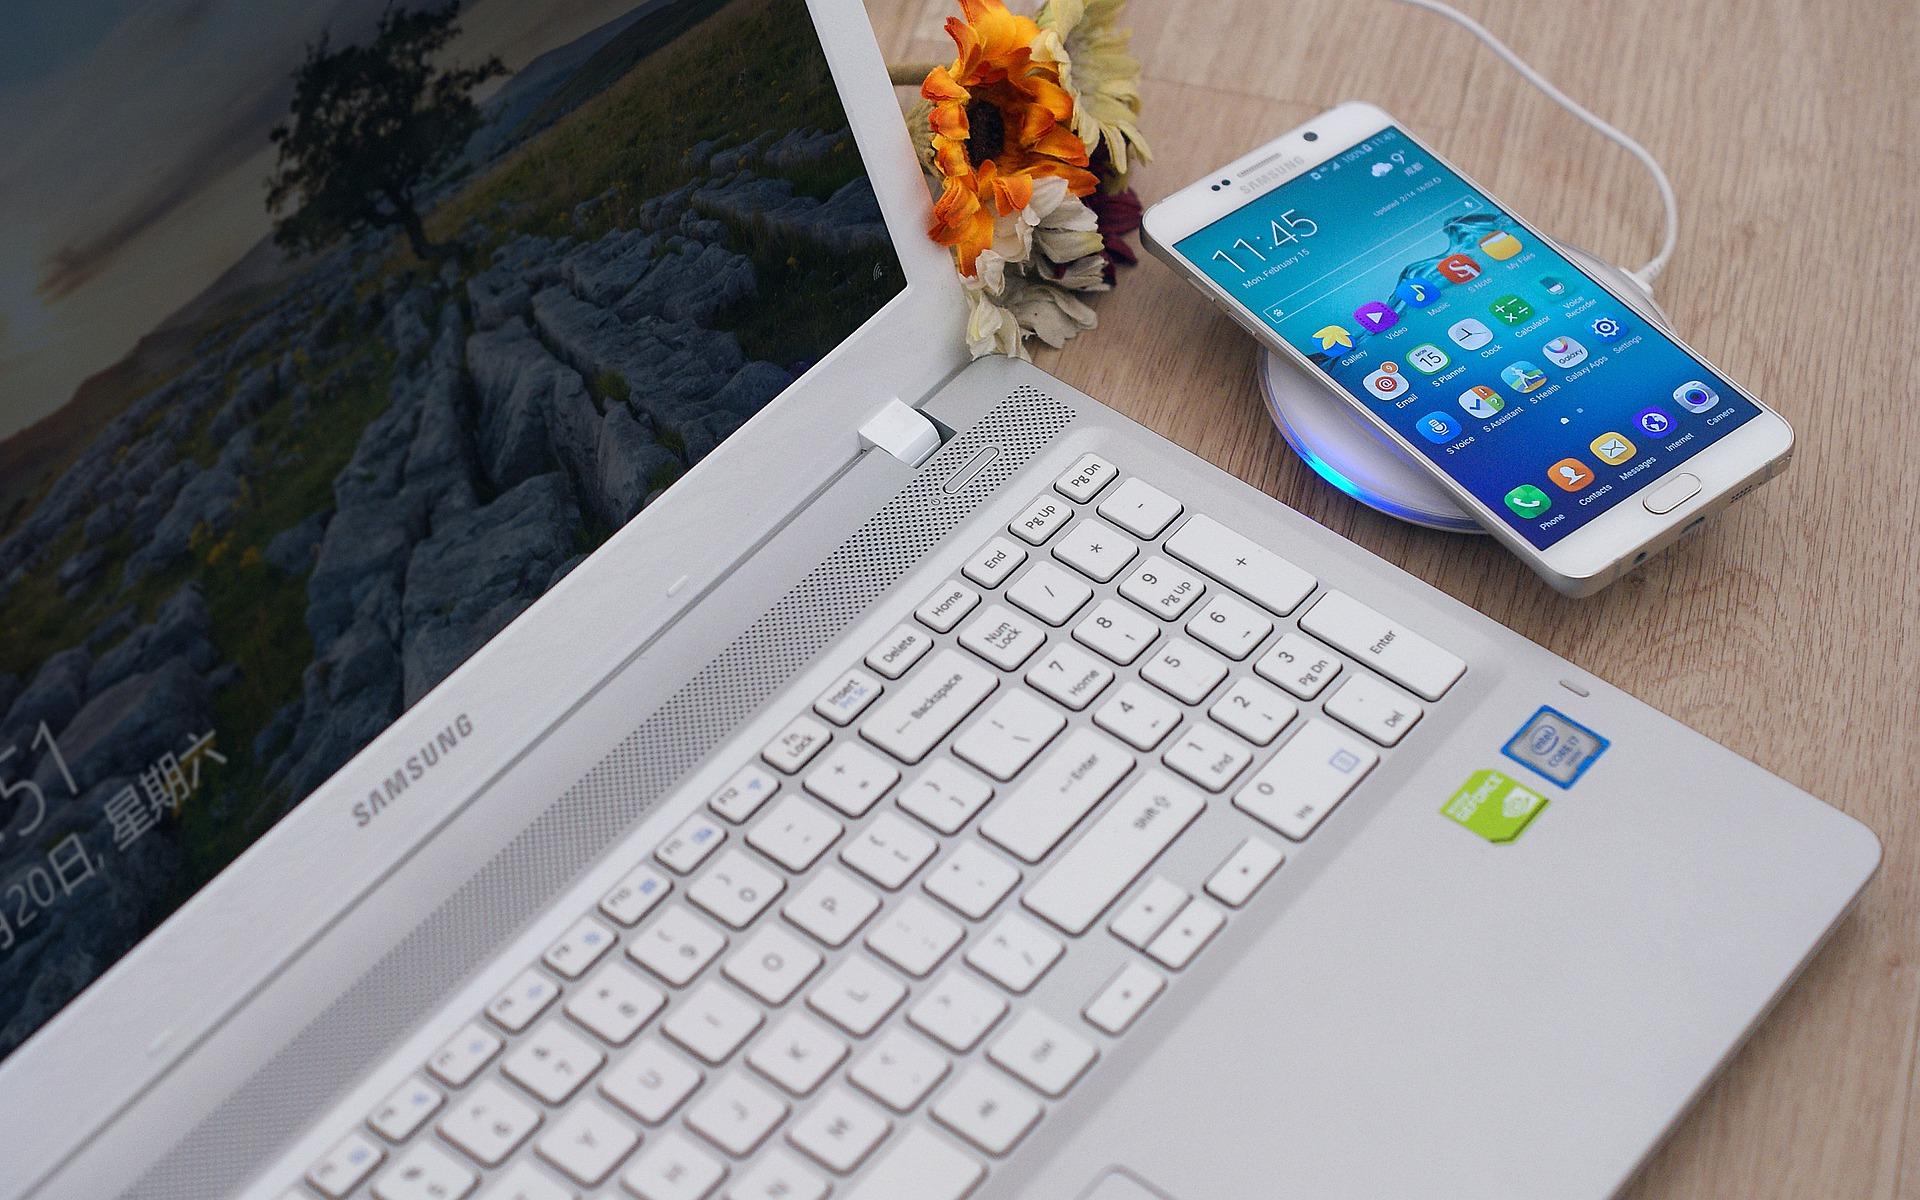 Notebook e celular da marca Samsung em uma mesa de madeira